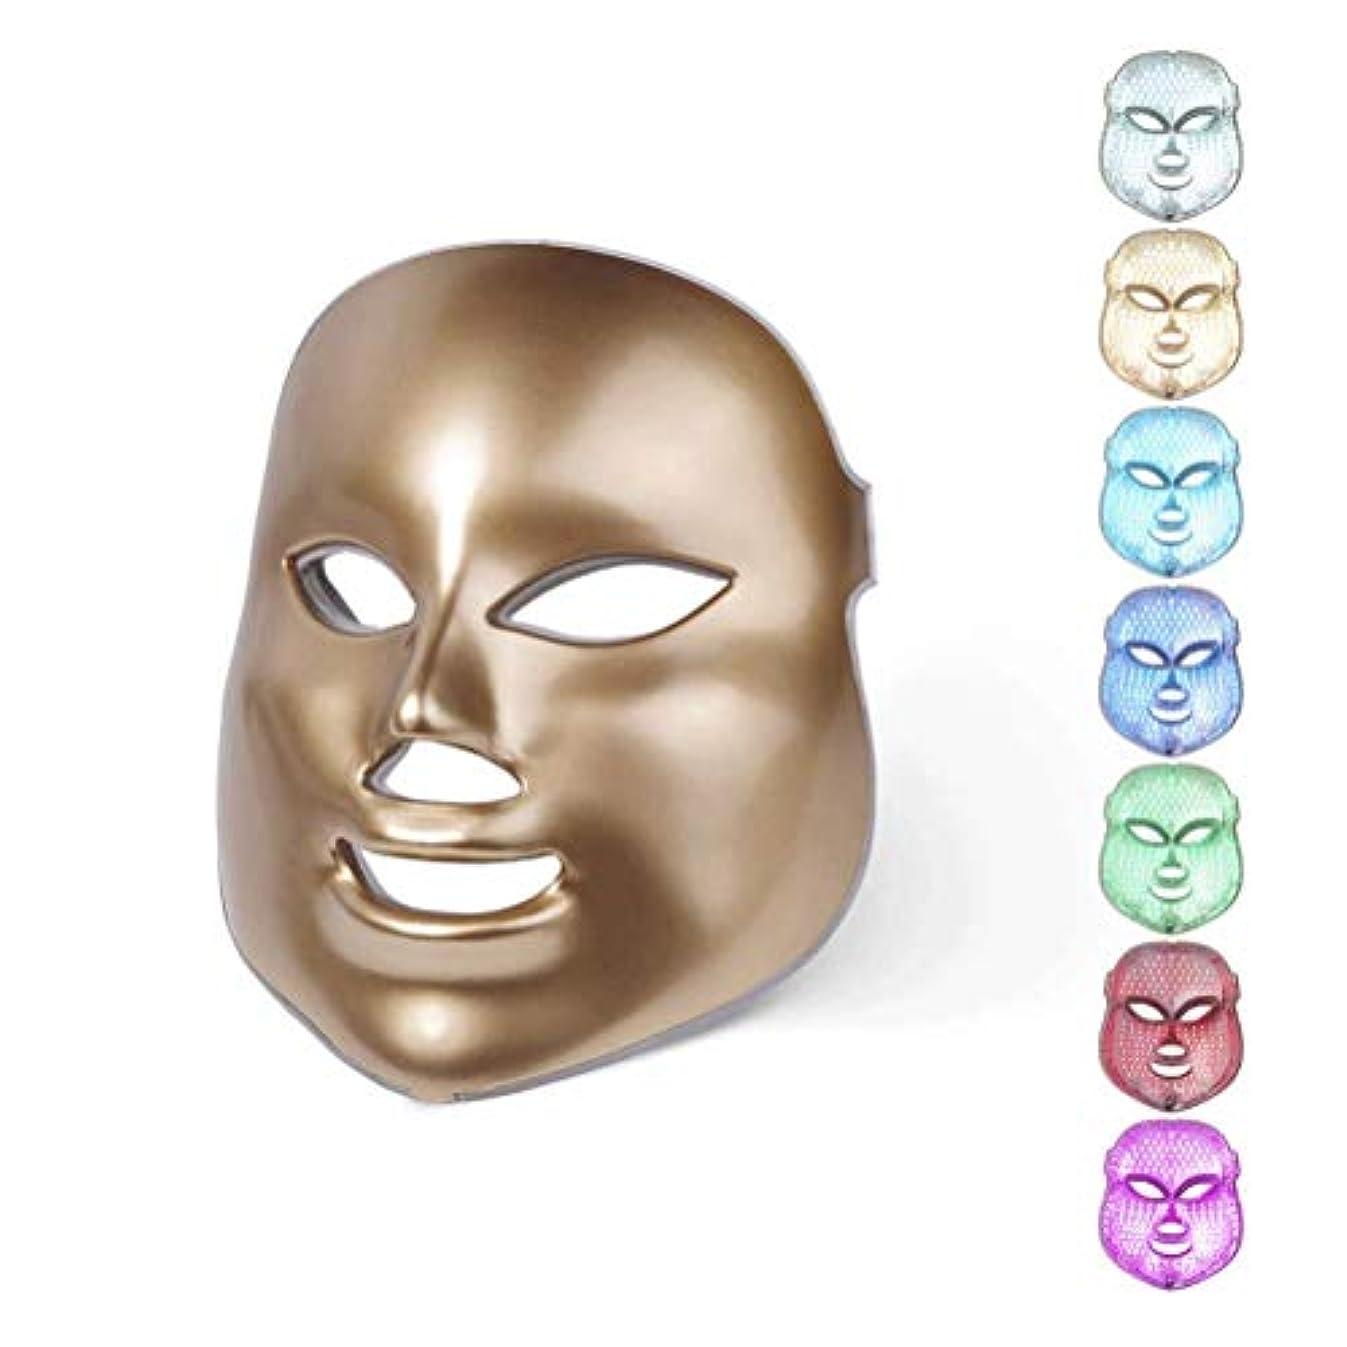 徴収終了するジーンズ7カラーライトセラピーフェイスマスクは、LEDライトフェイスフォトンは、にきび削減リンクル肌の若返りのために毛穴スキンケアセラピー?フェイシャル美容サロンPDT技術を締めマスク